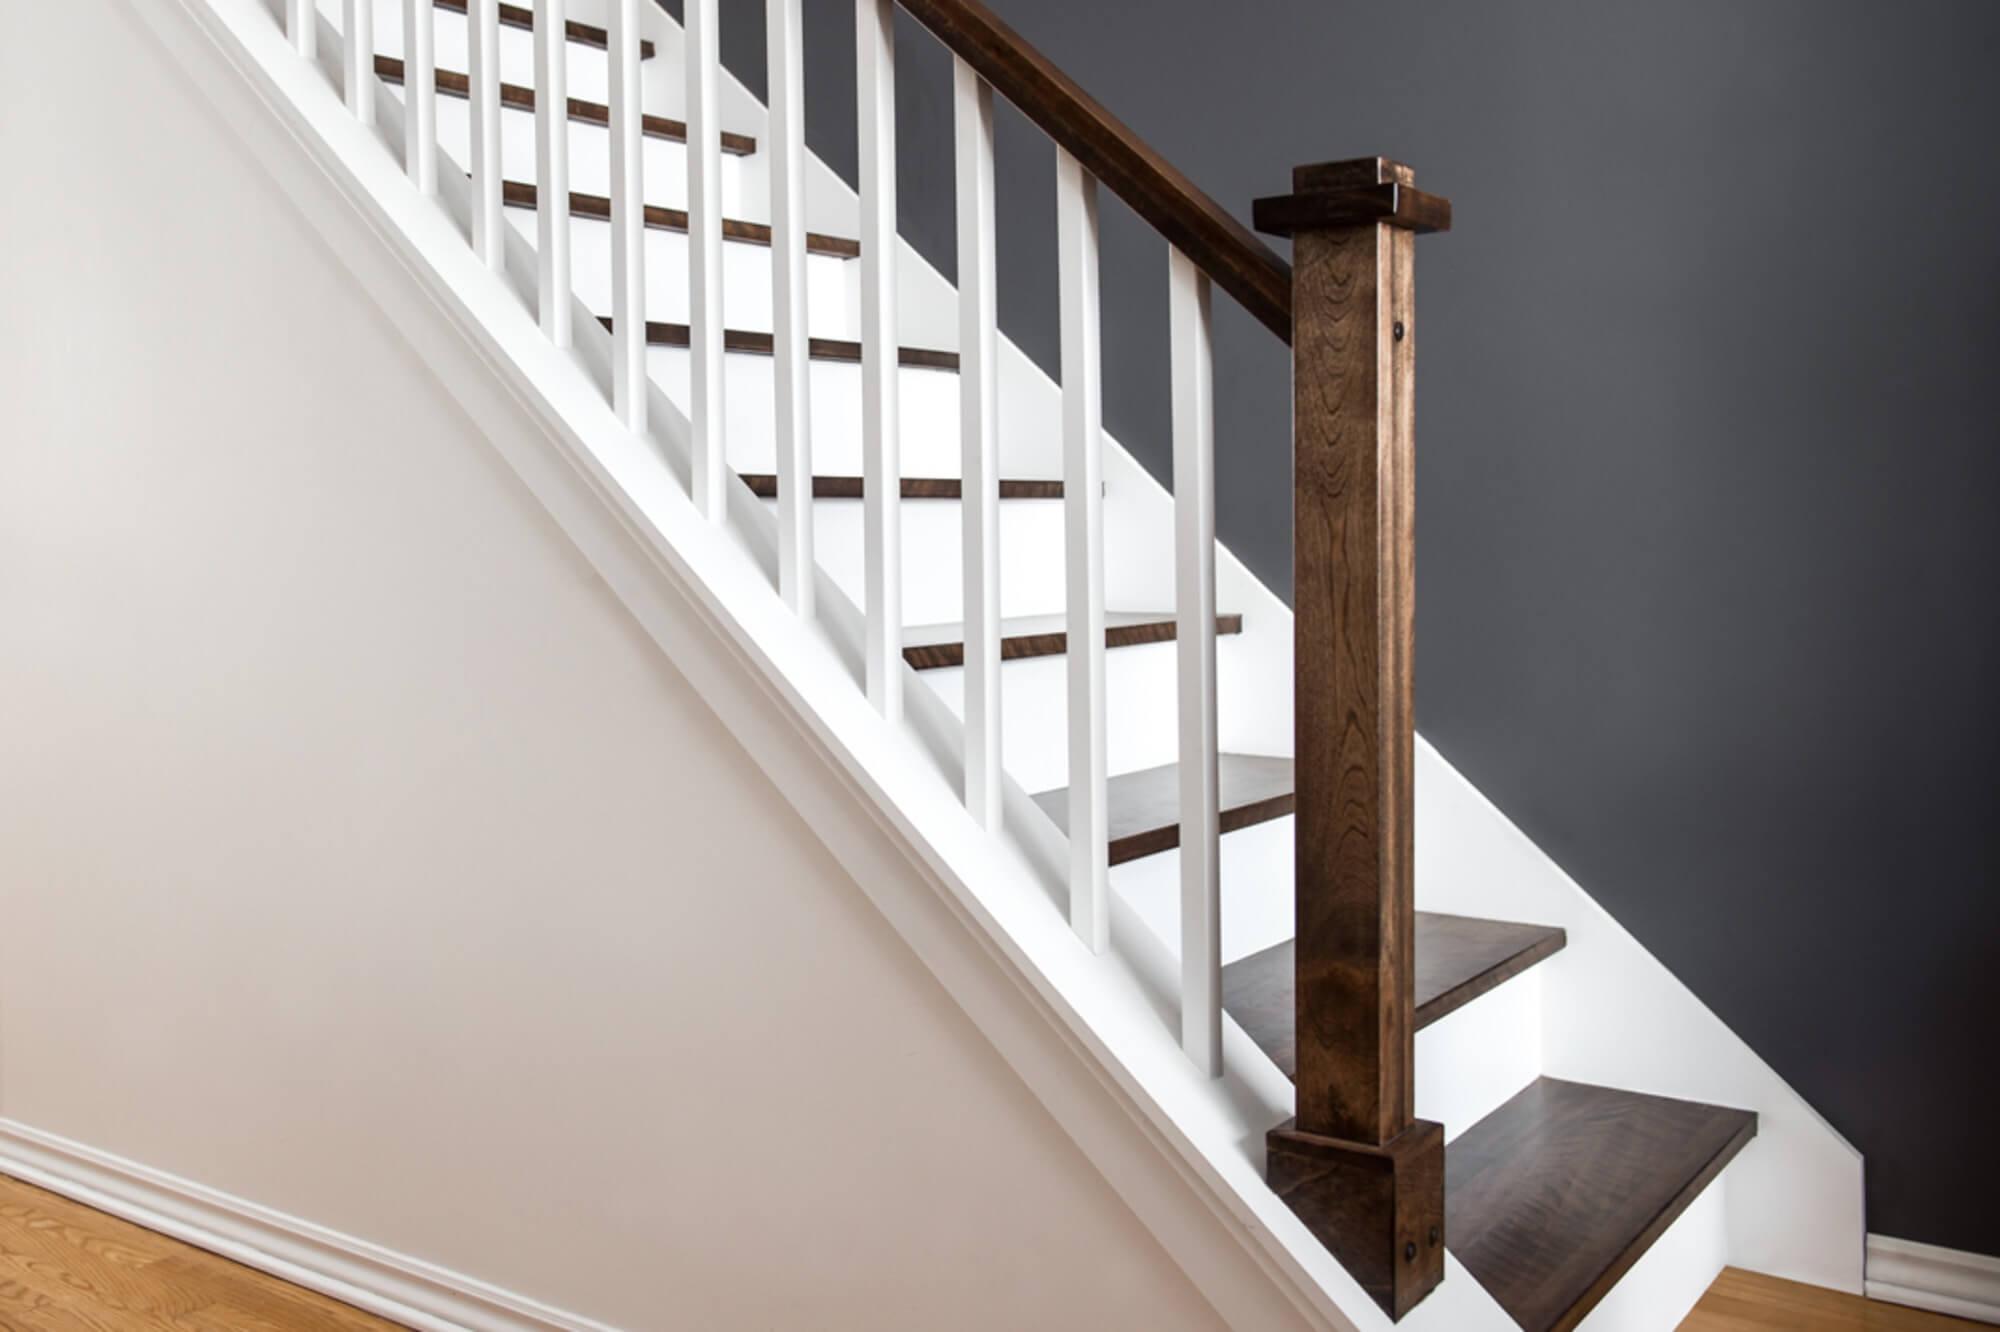 Escalier intérieur avec rampes en bois brun et blanc